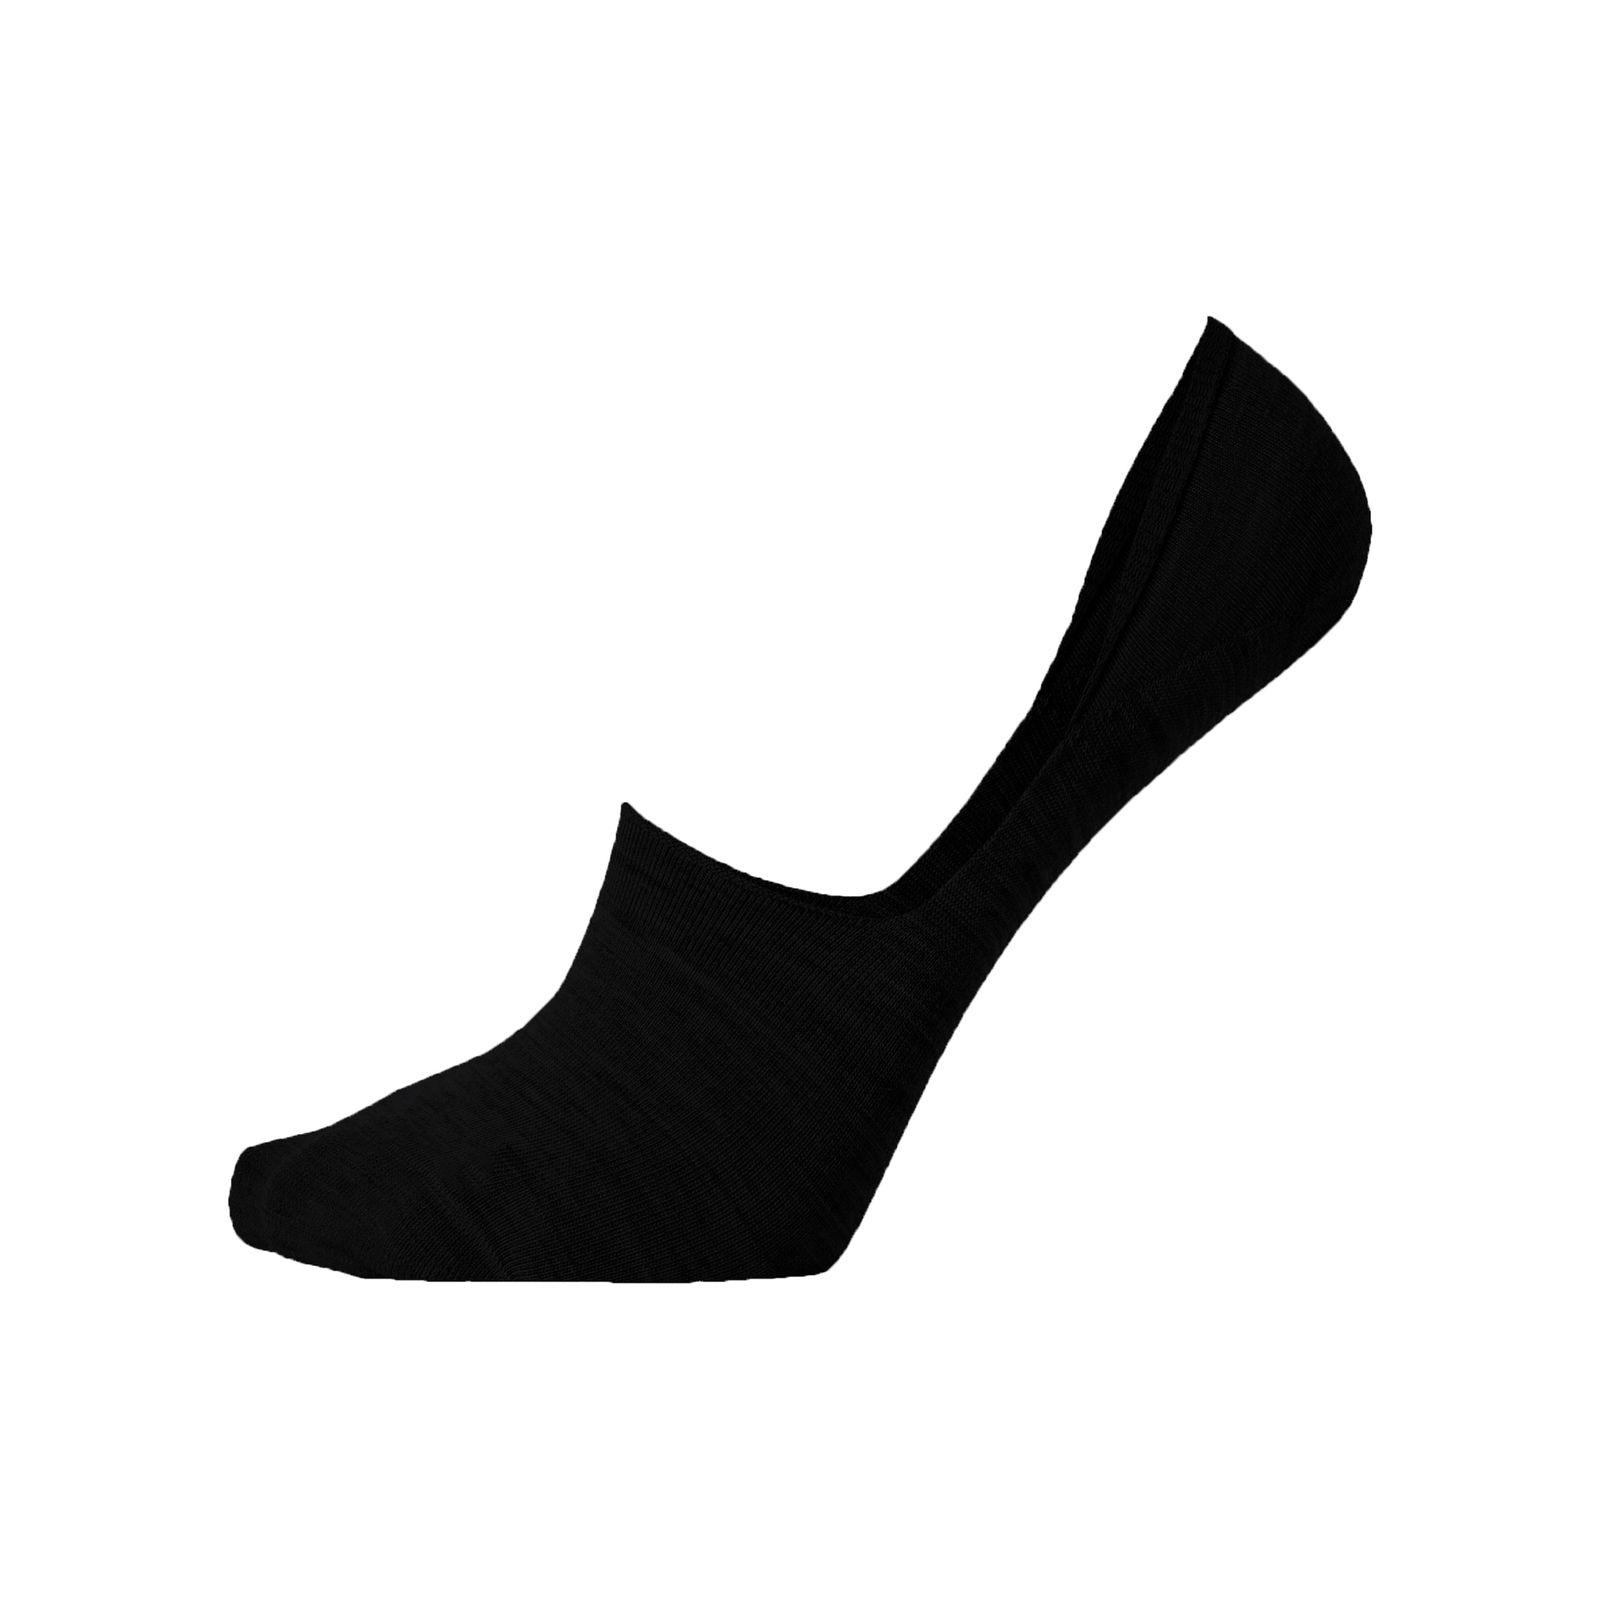 جوراب زنانه مستر جوراب کد BL-MRM 253 بسته 4 عددی -  - 3